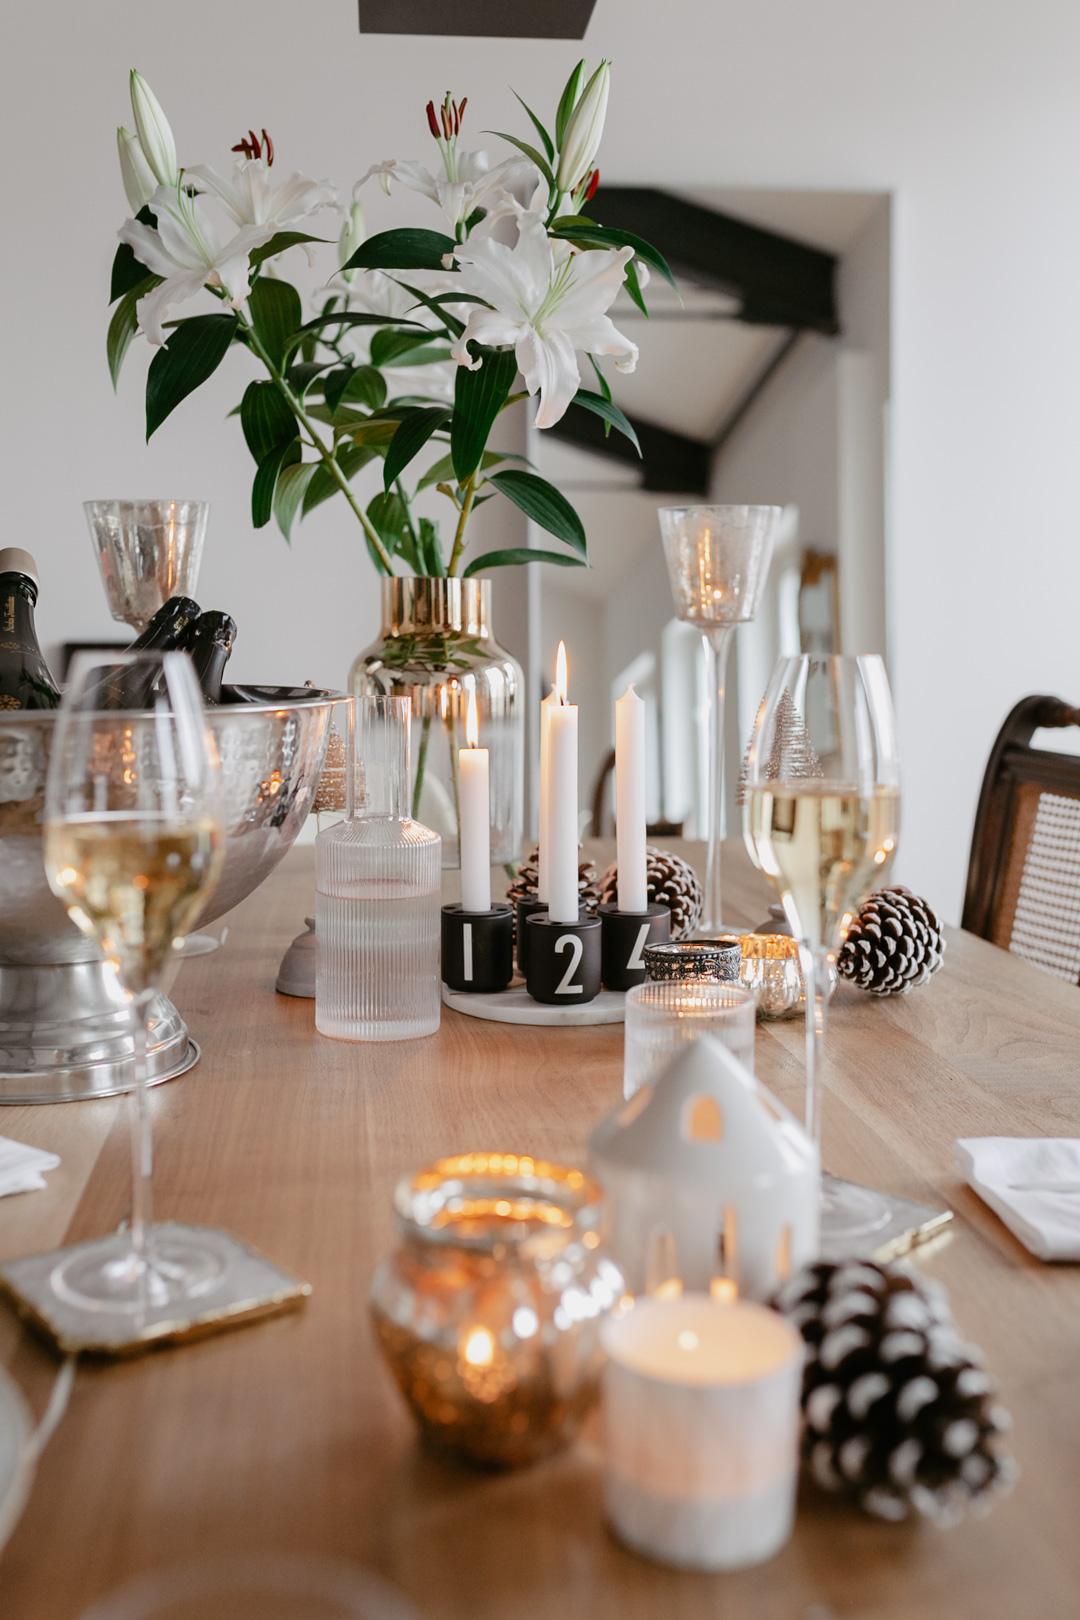 Seid ihr noch auf der Suche nach einer Essensidee für Weihnachten? Wir wäre es z.B. mit einem Thymian Risotto mit gebratener Forelle? Begleitet wird das Menü von einem Champagner, denn die Franzosen machen es uns vor & trinken den Schaumwein nicht nur als Aperitiv, sondern als prickelnde Essensbegleitung. Mehr dazu und das Rezept für das Risotto mit Forelle findet ihr auf www.piecesofmariposa.com.